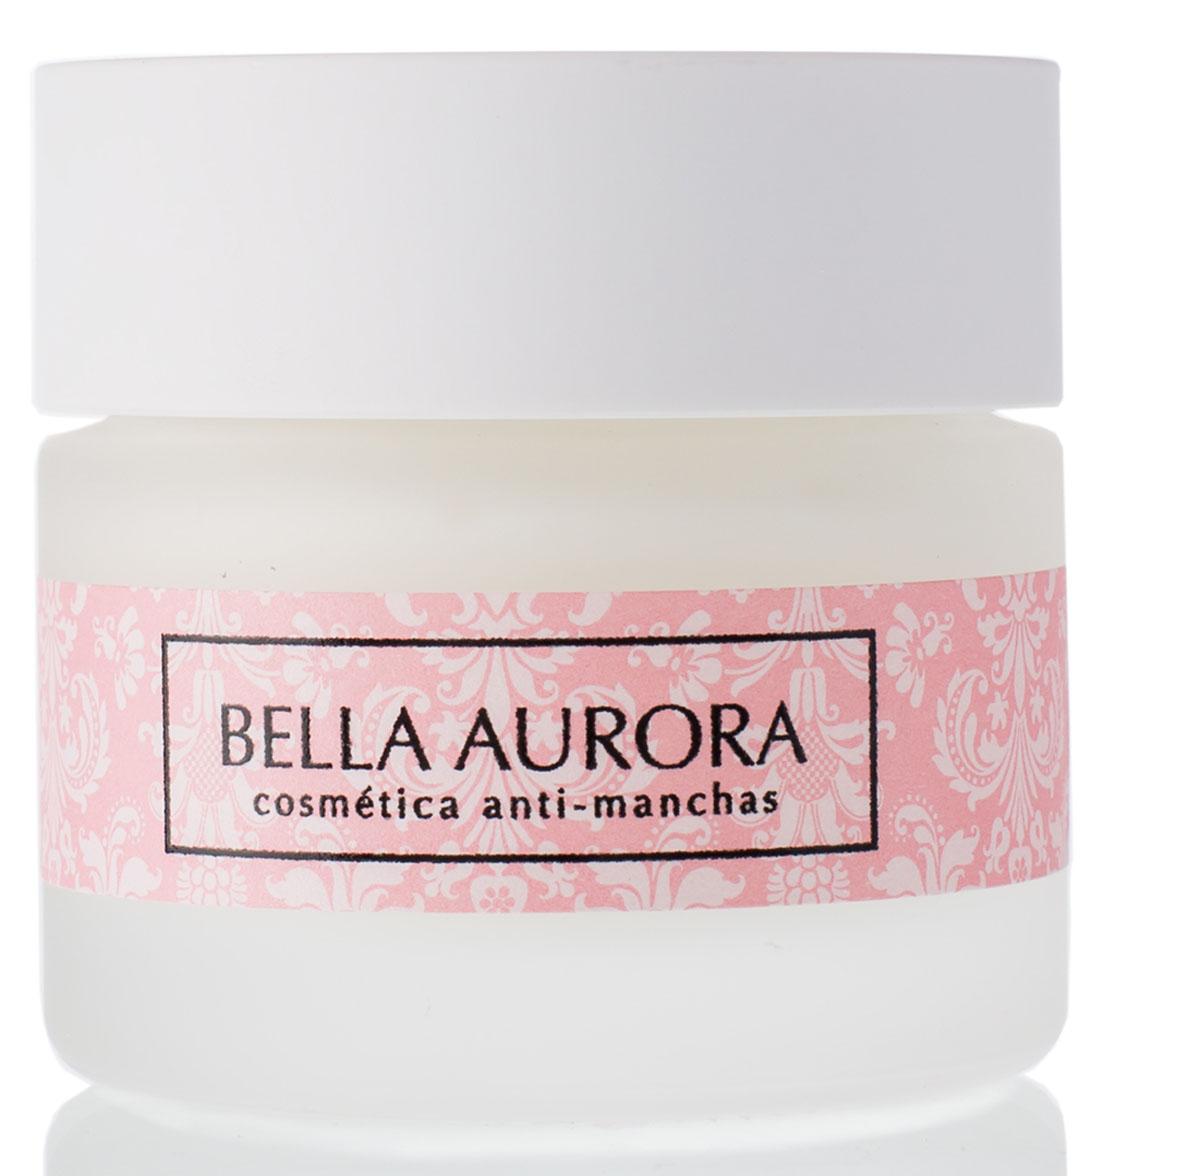 Косметика bella aurora купить кора косметика где купить ростов